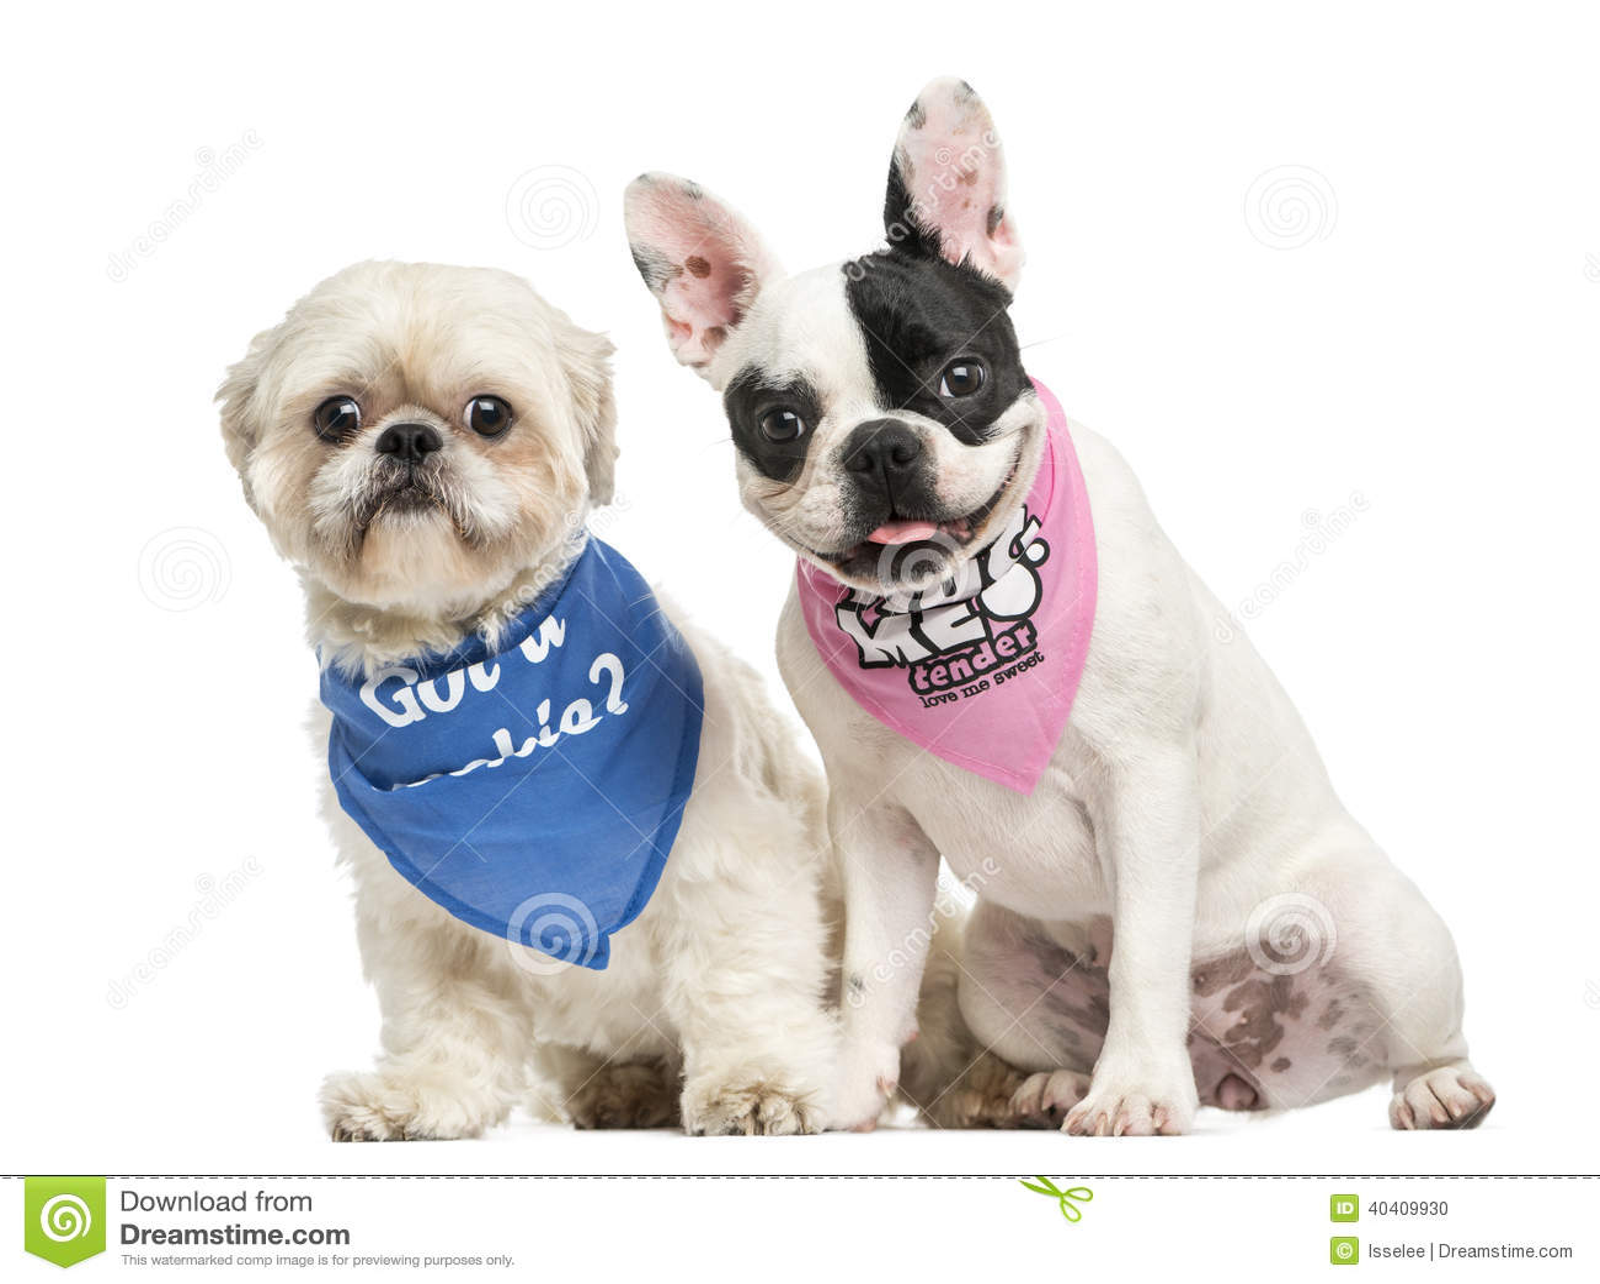 Shih Tzu And French Bulldog Puppy Wearing Bandana Sitting ...